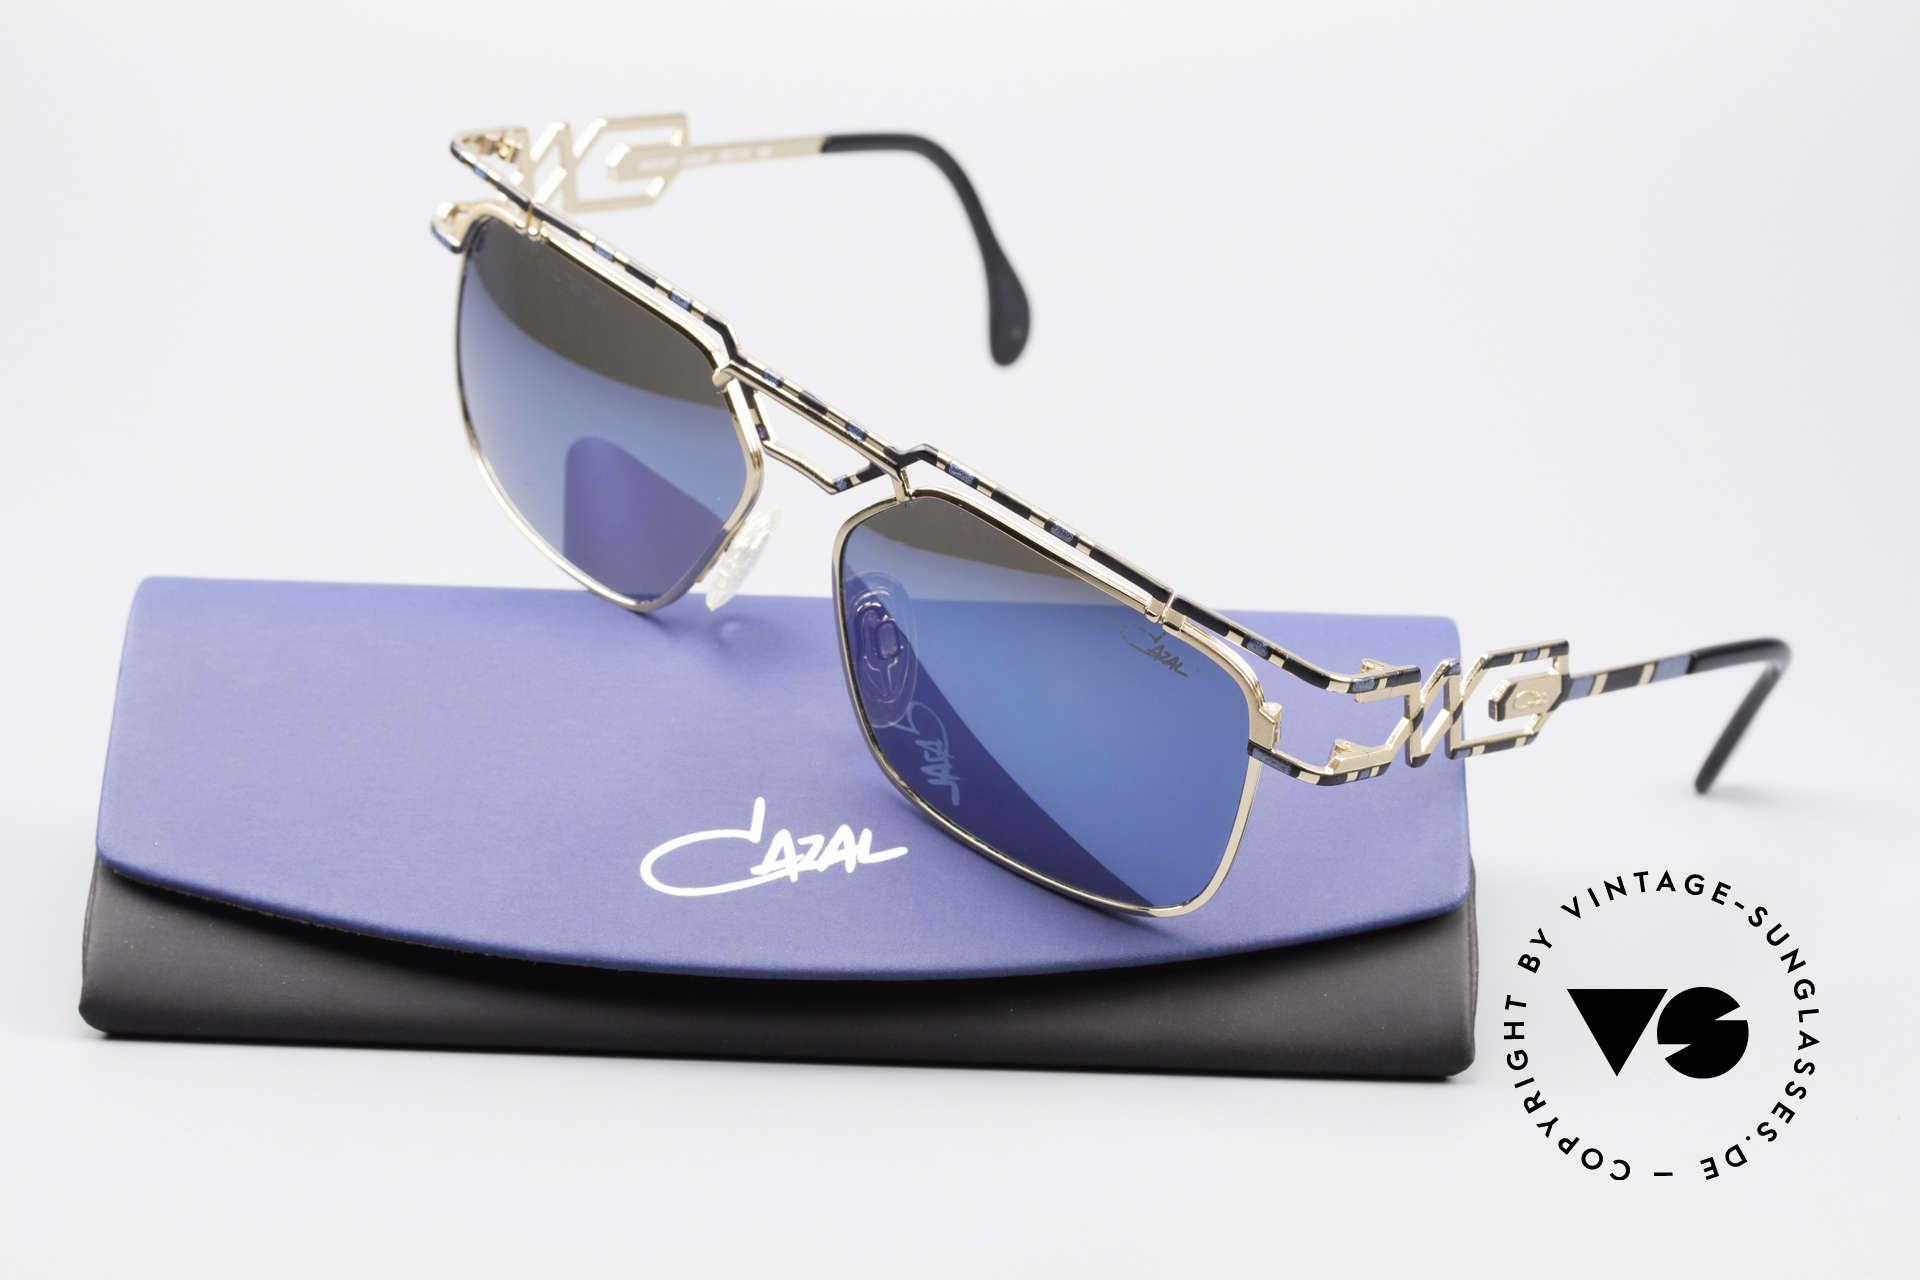 Cazal 973 Blau Verspiegelte Sonnenbrille, ein Highlight für alle Design- und Qualitätsliebhaber, Passend für Herren und Damen